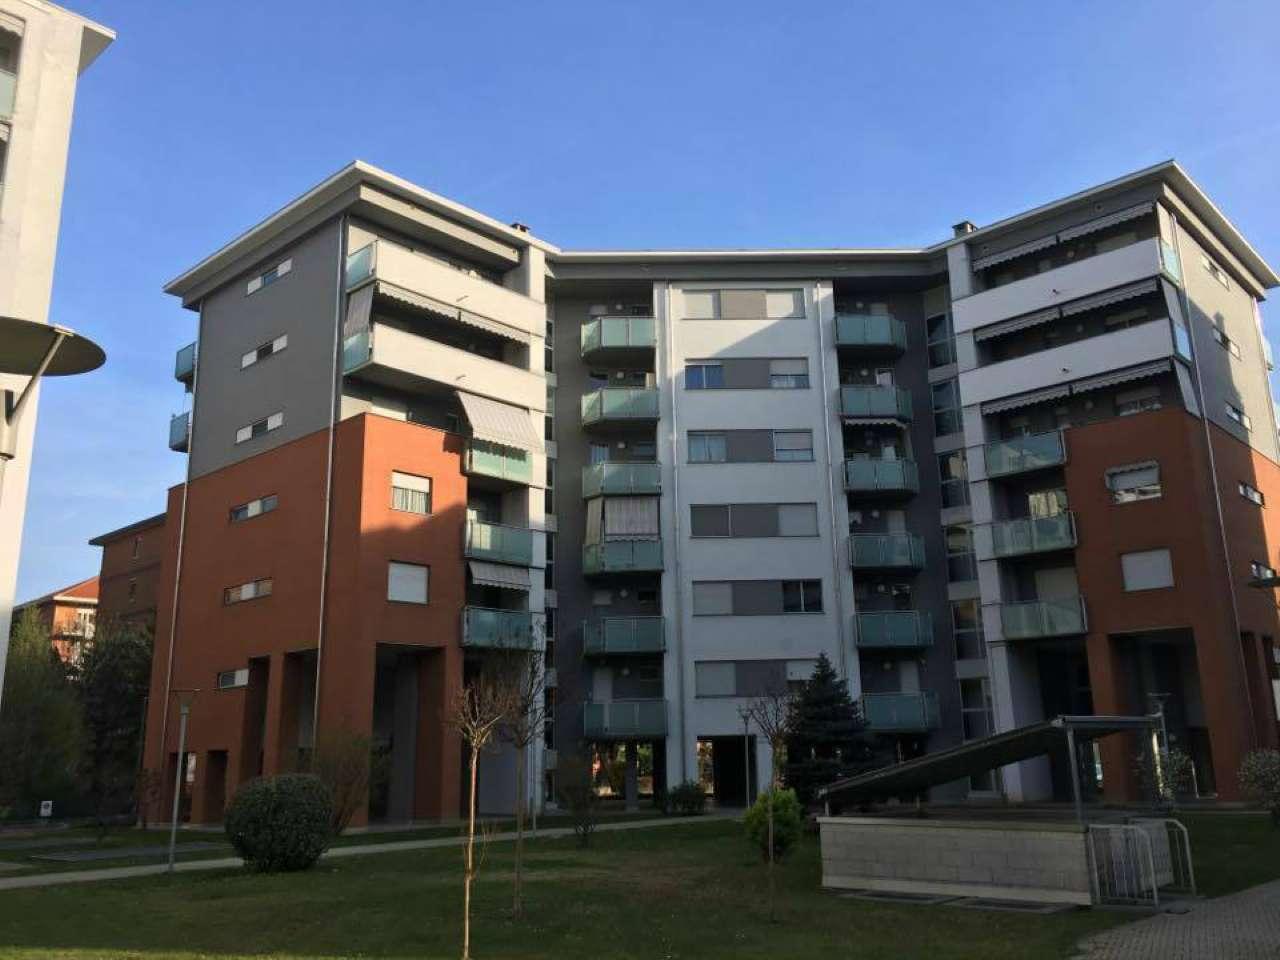 Attico / Mansarda in vendita a Rivoli, 4 locali, prezzo € 315.000 | Cambio Casa.it